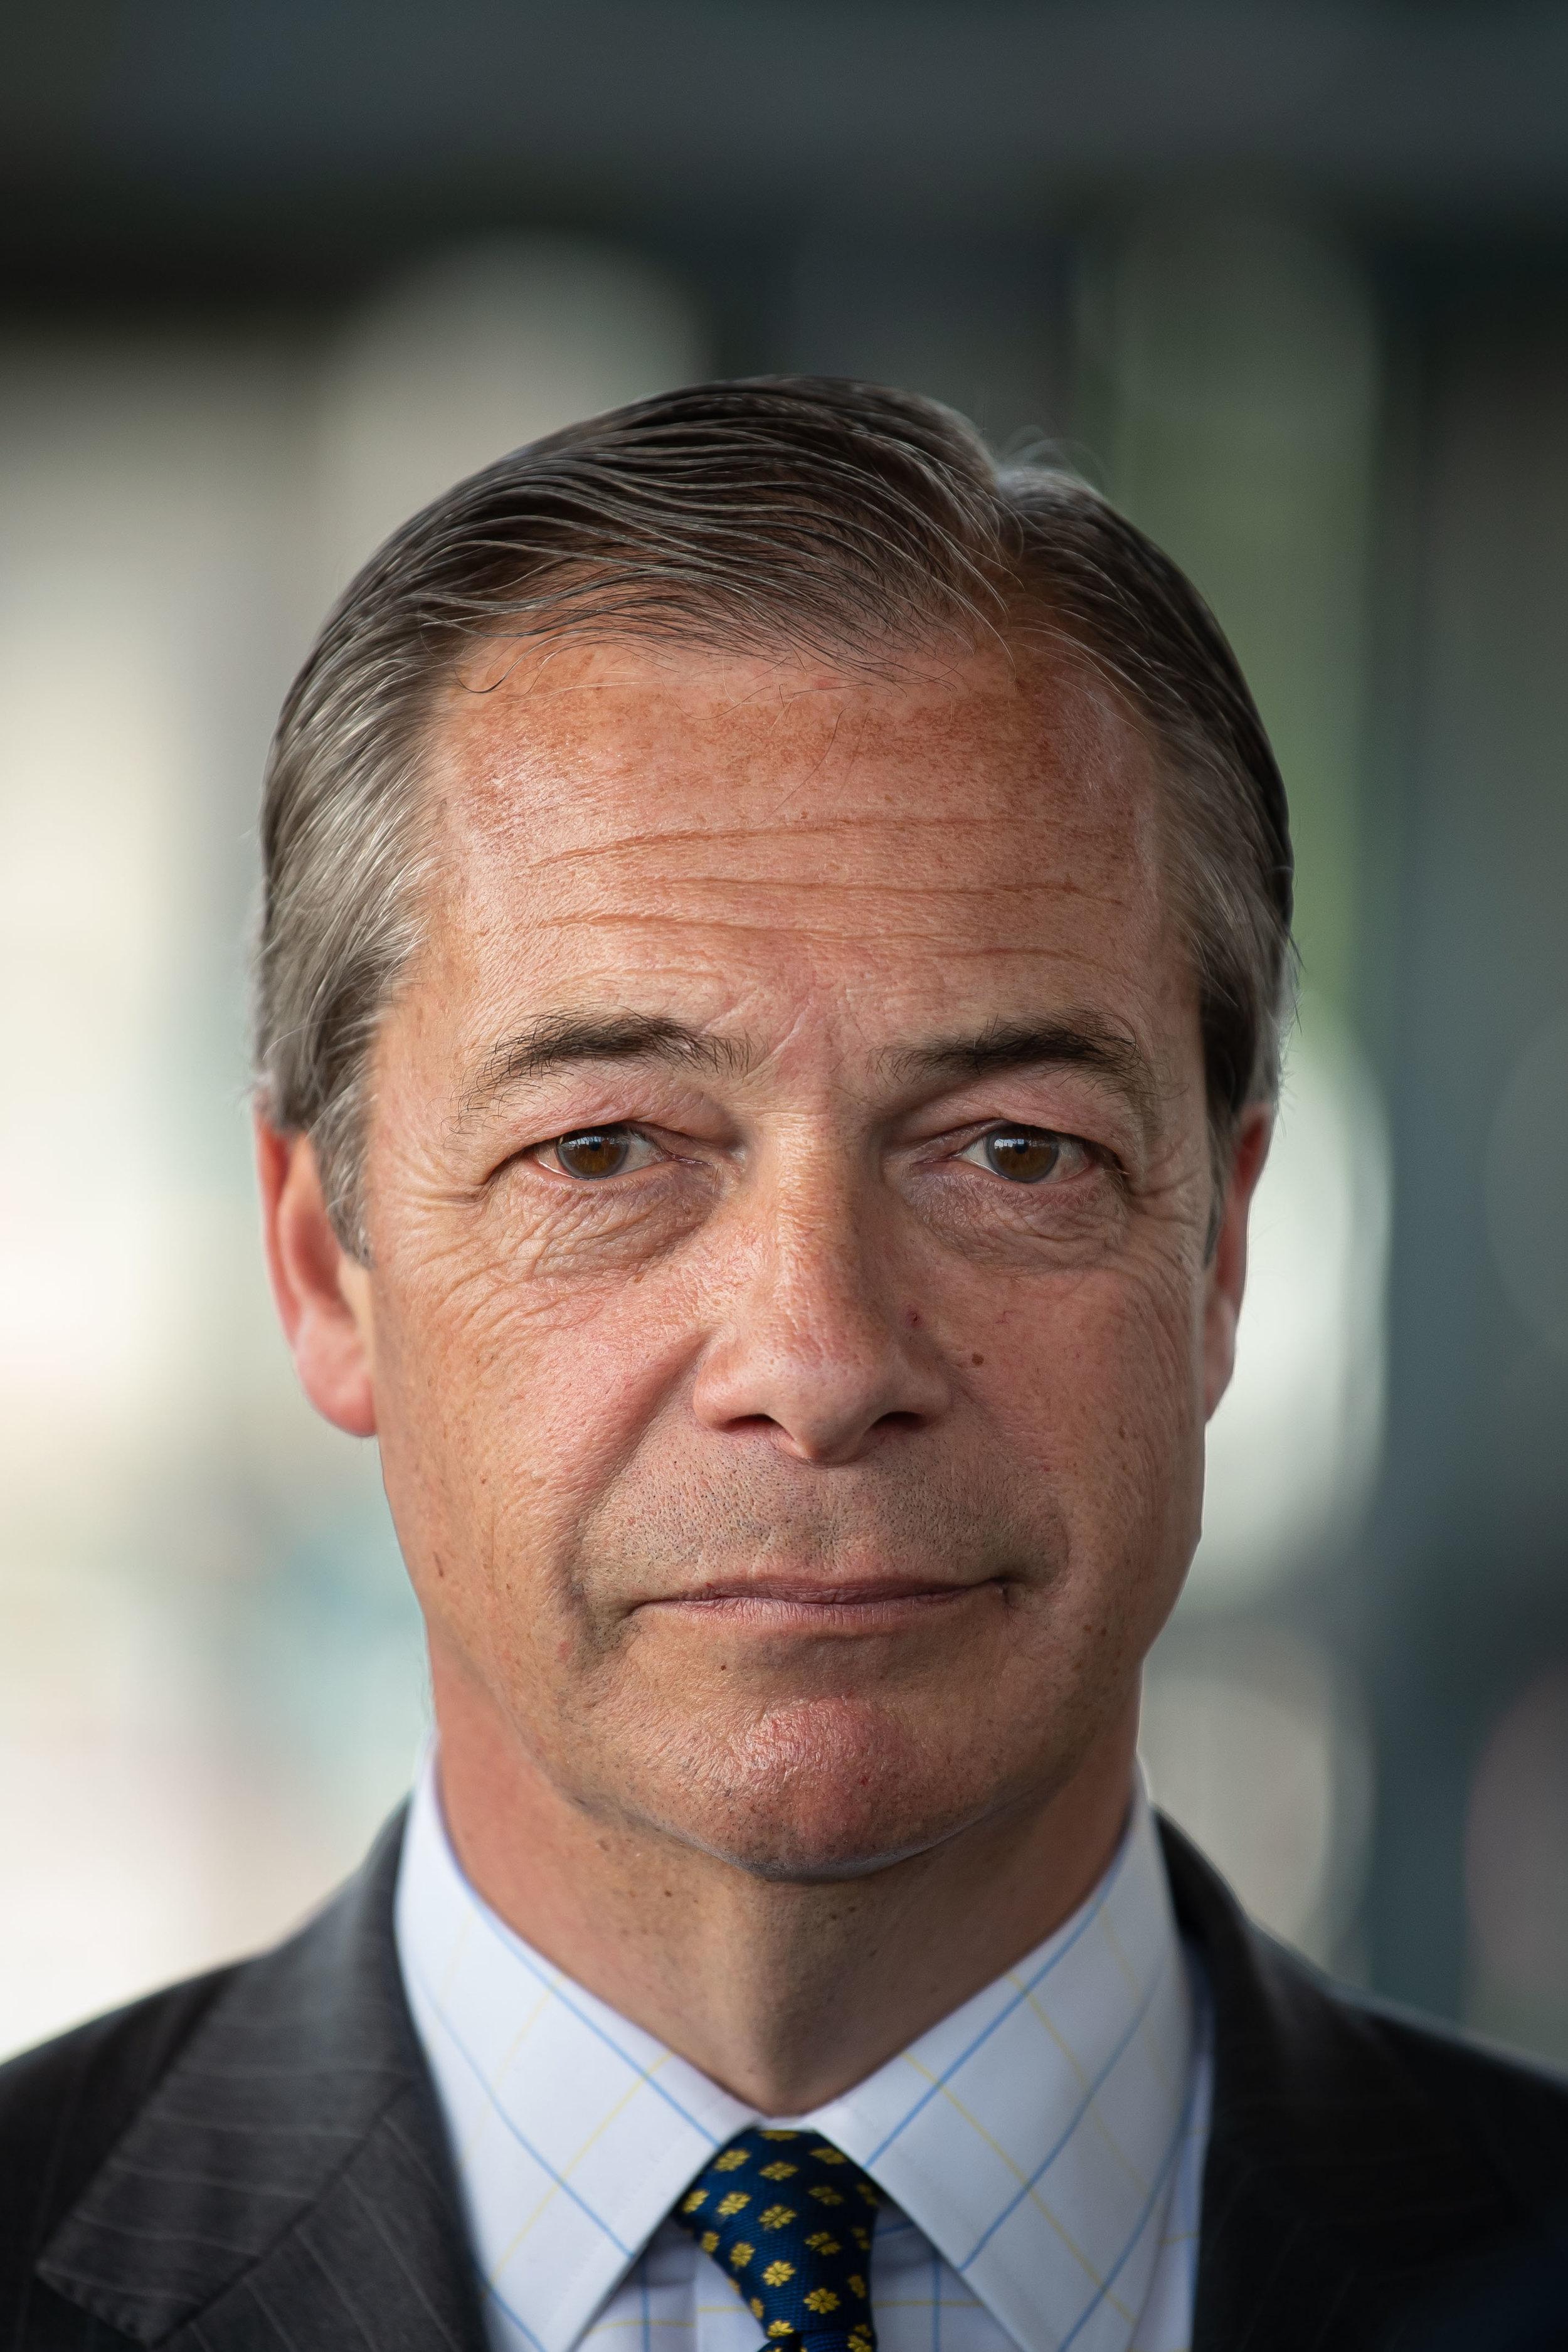 brexit_party